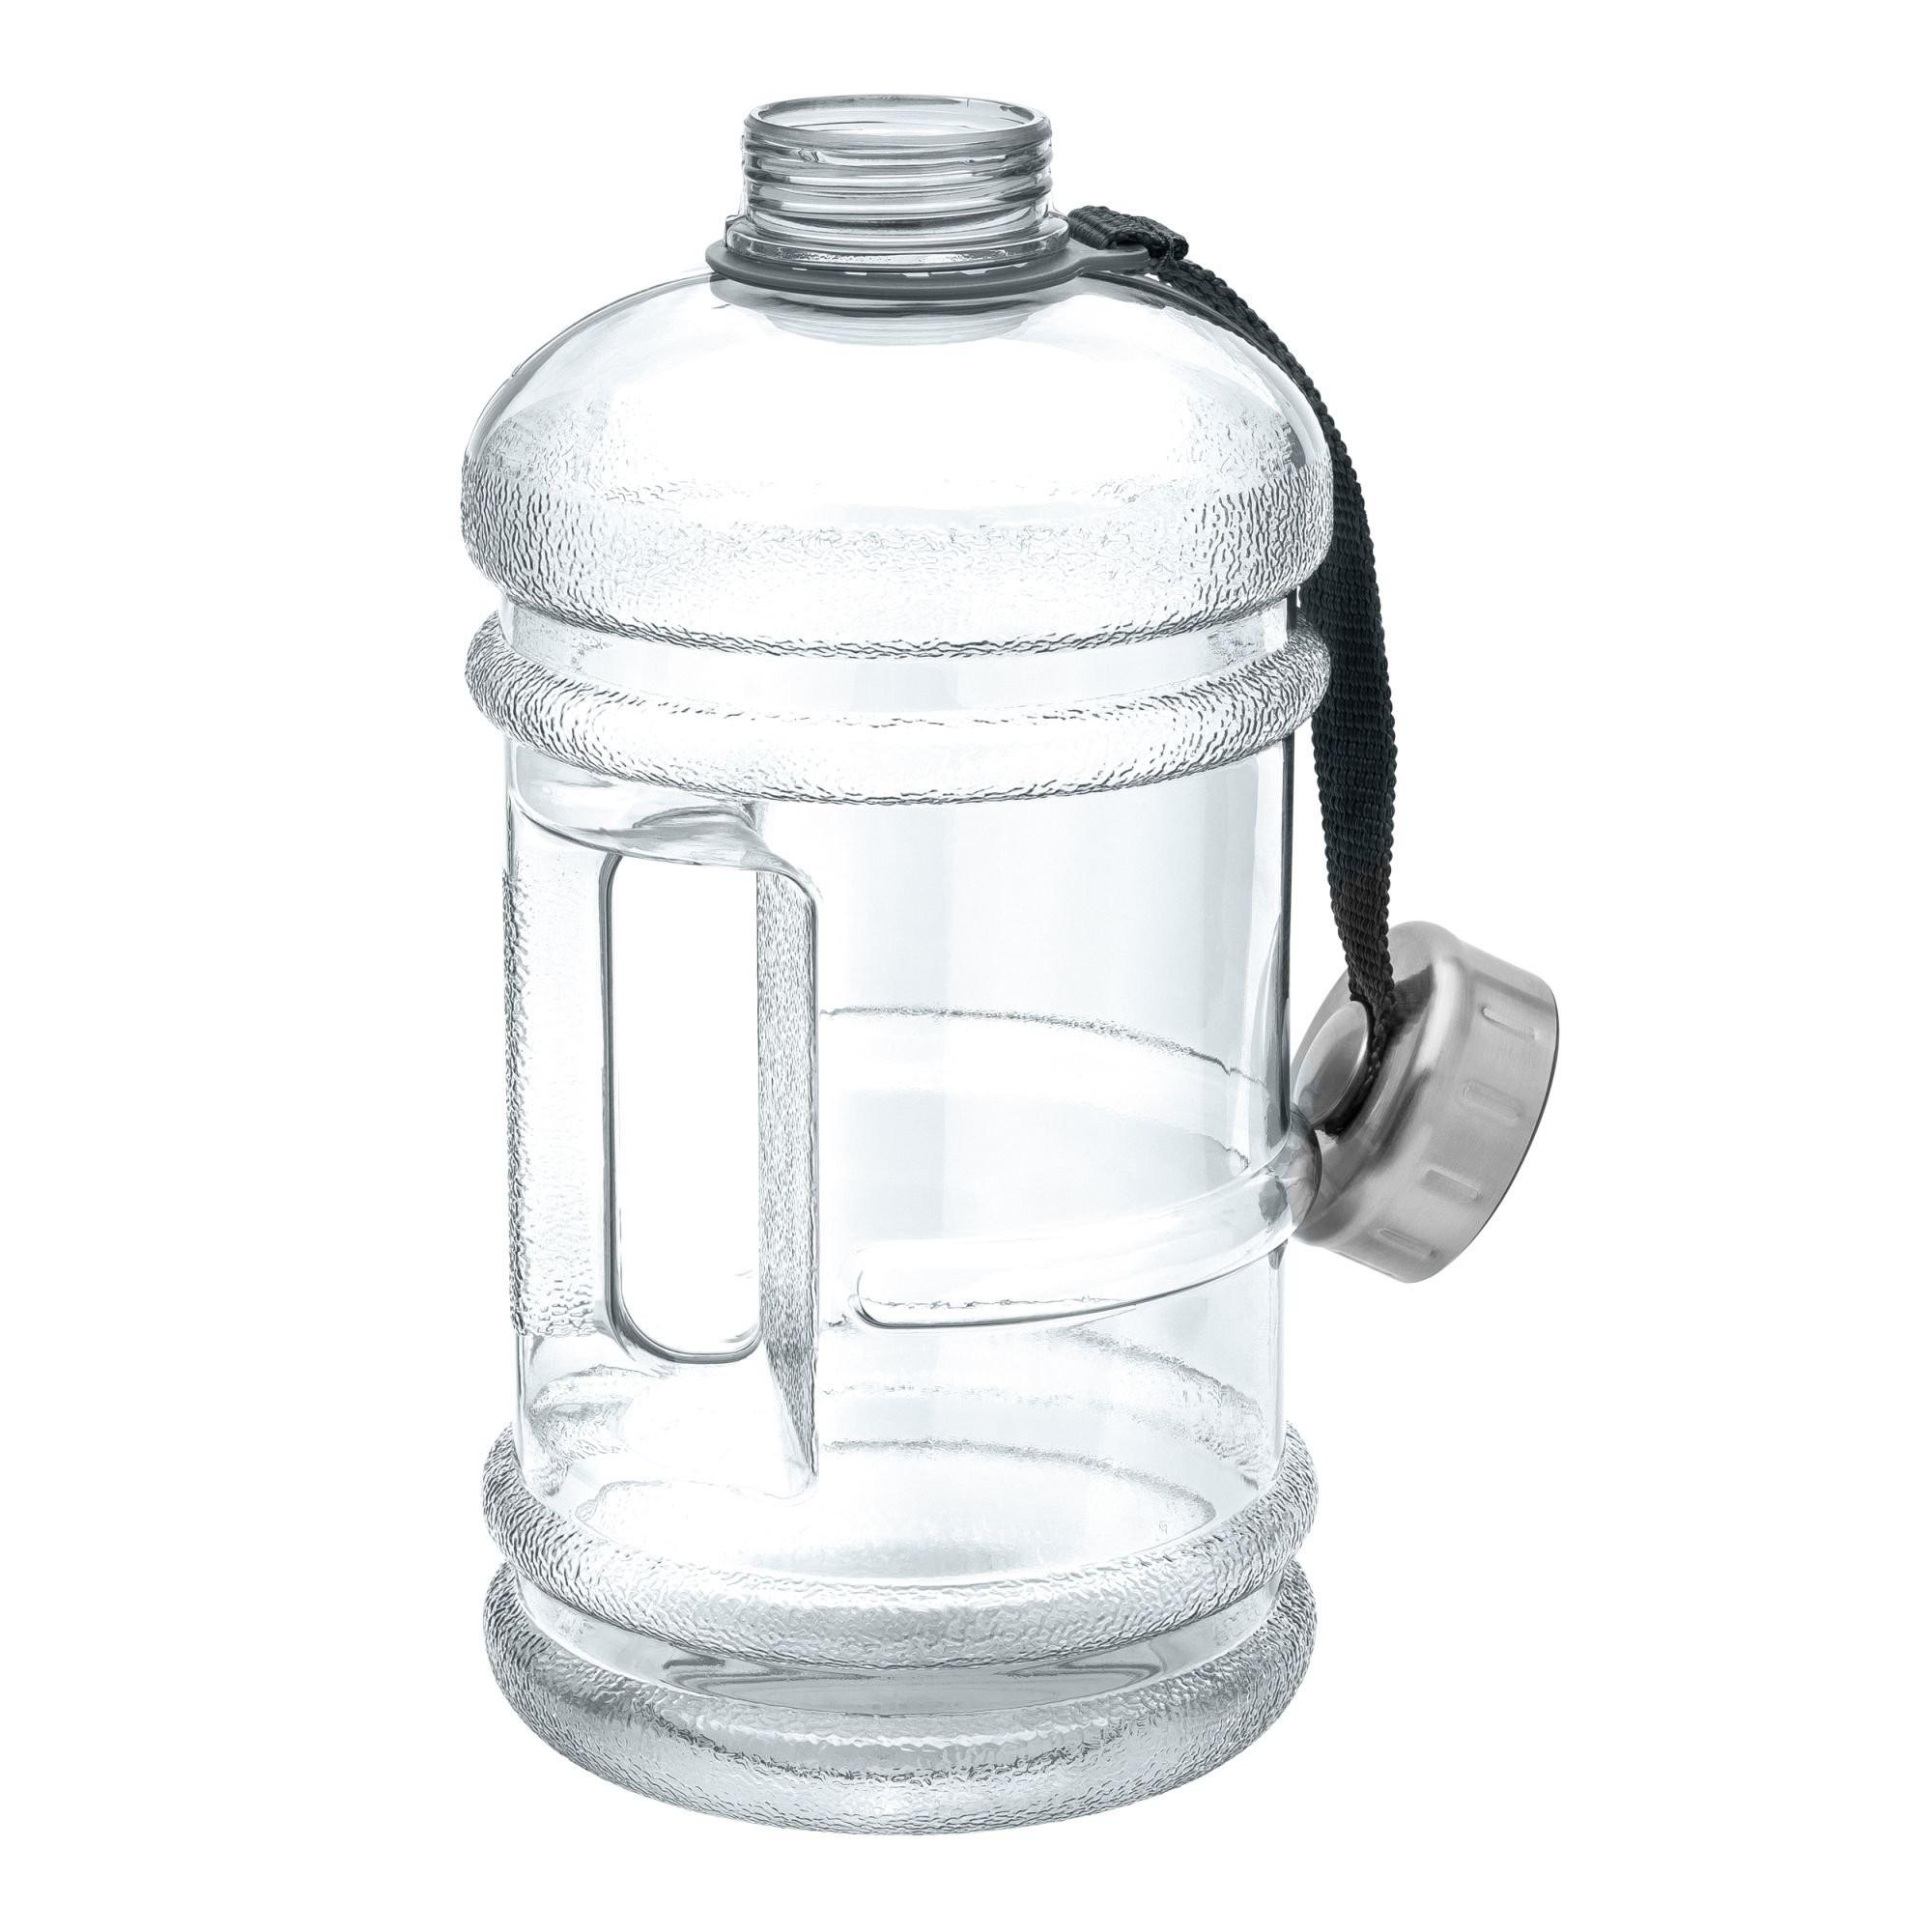 Fitnessflasche REFLECTS-KOUVOLA, Ansicht 6